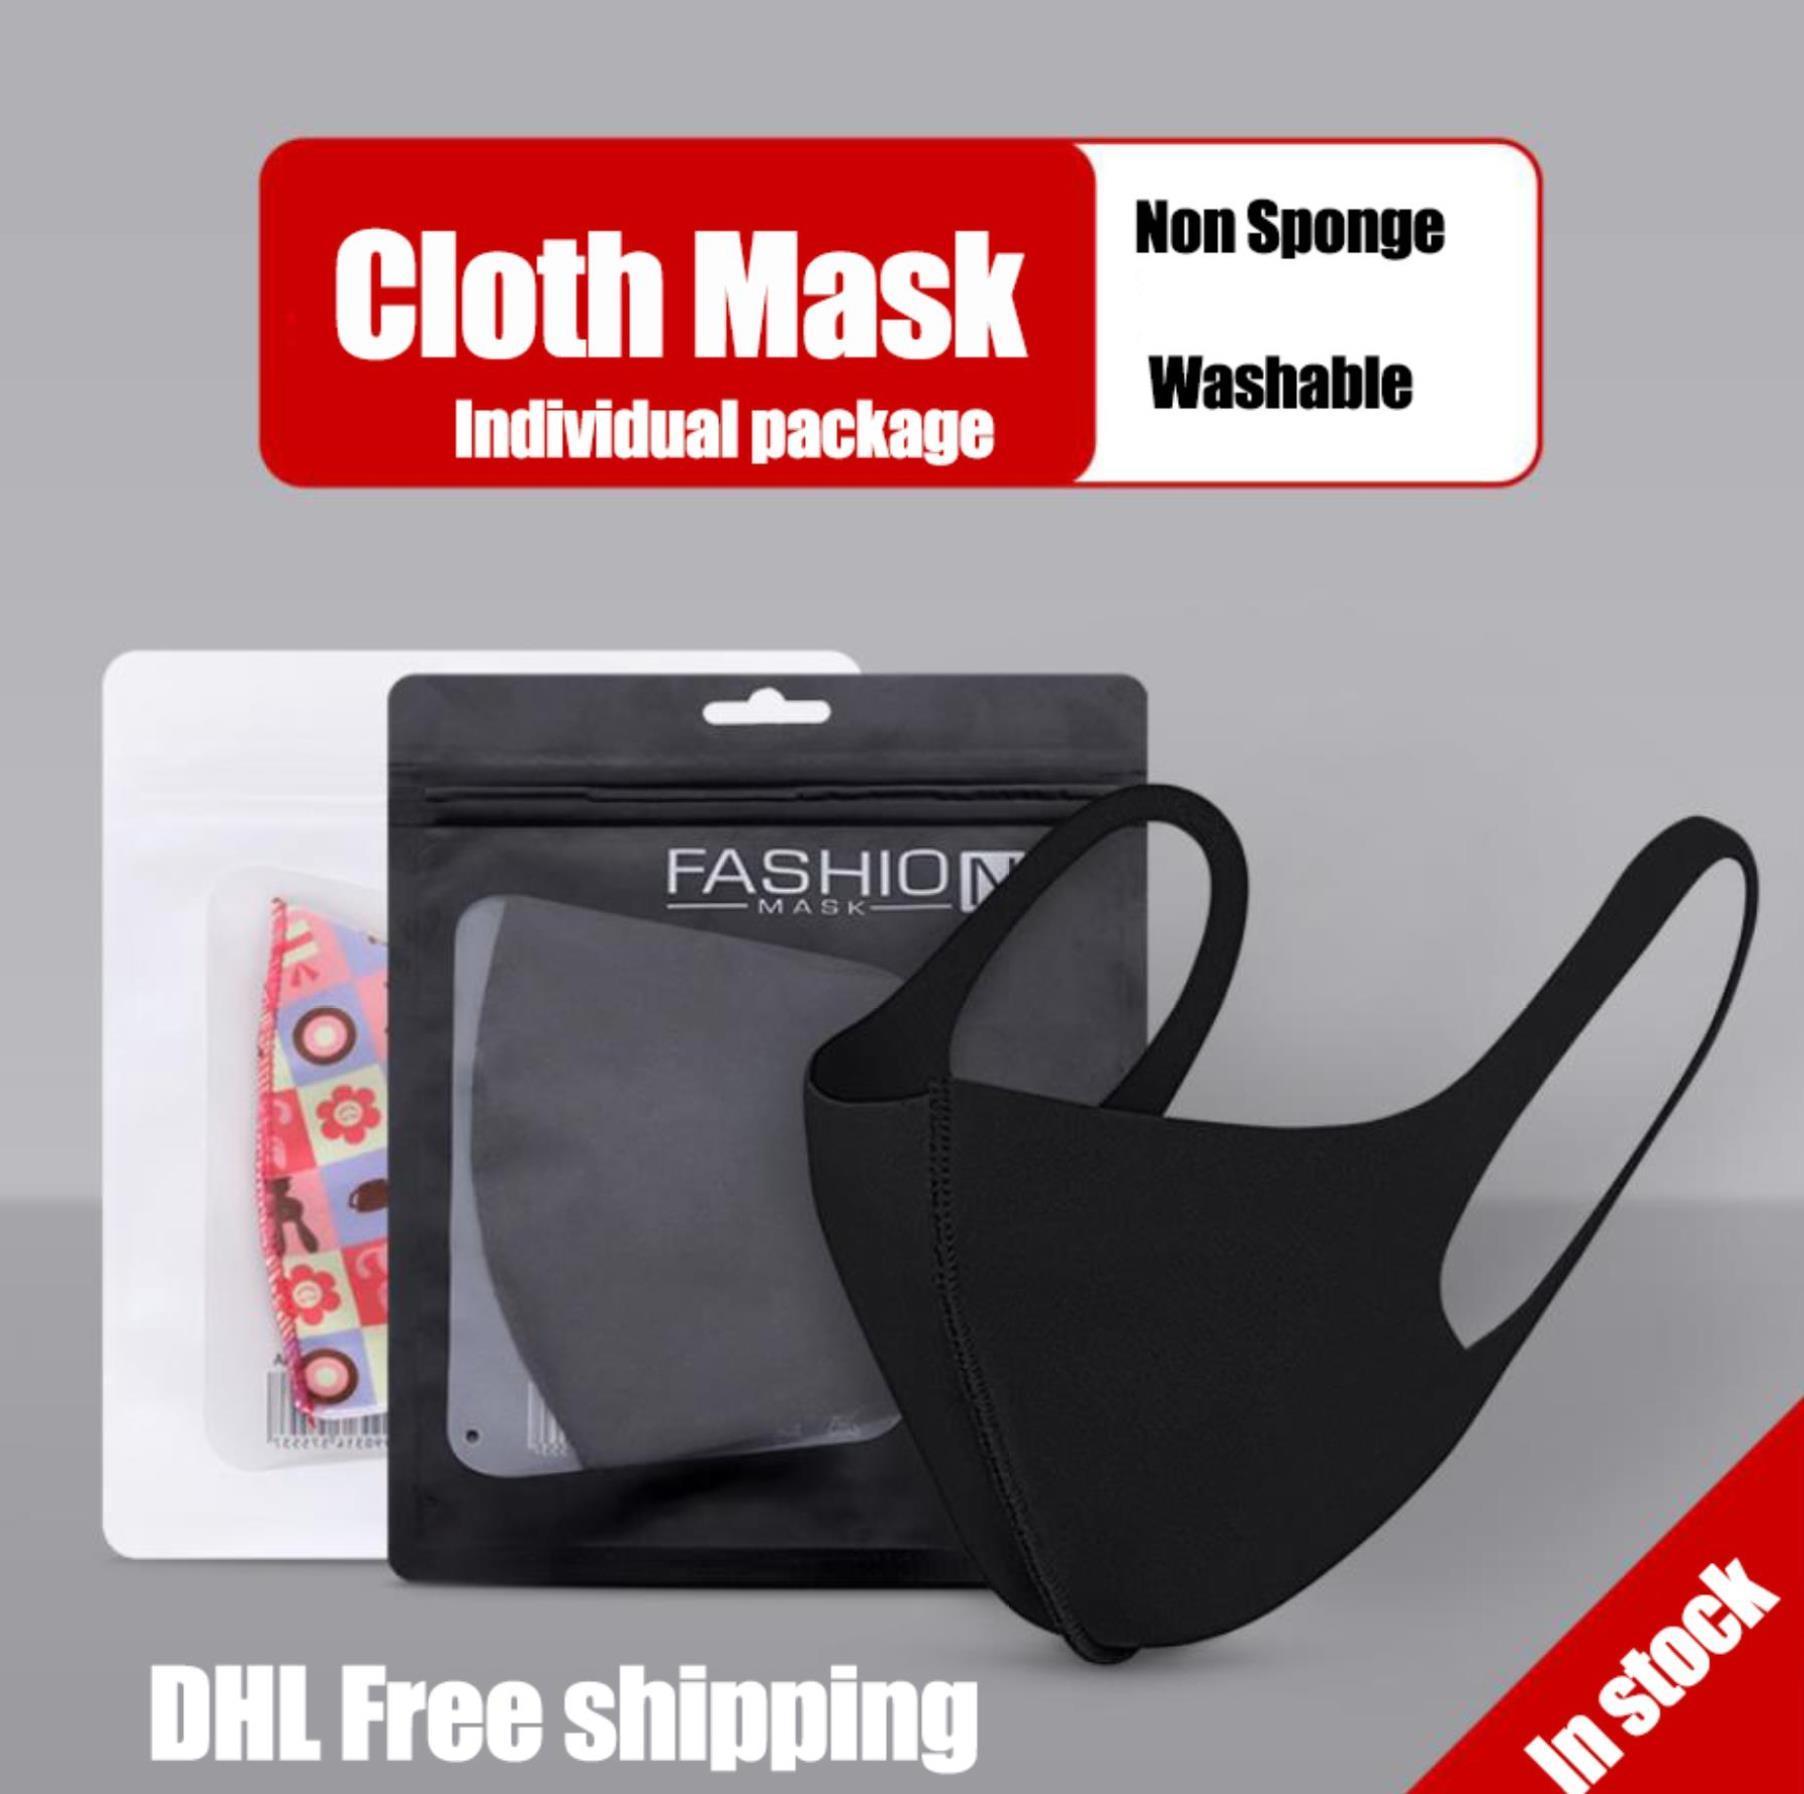 Есть в наличии моющийся многоразовый ткань маска для лица Индивидуальный пакет качества DHL Бесплатная доставка Одноразовые маски для лица загрязнения воздуха росток защиты